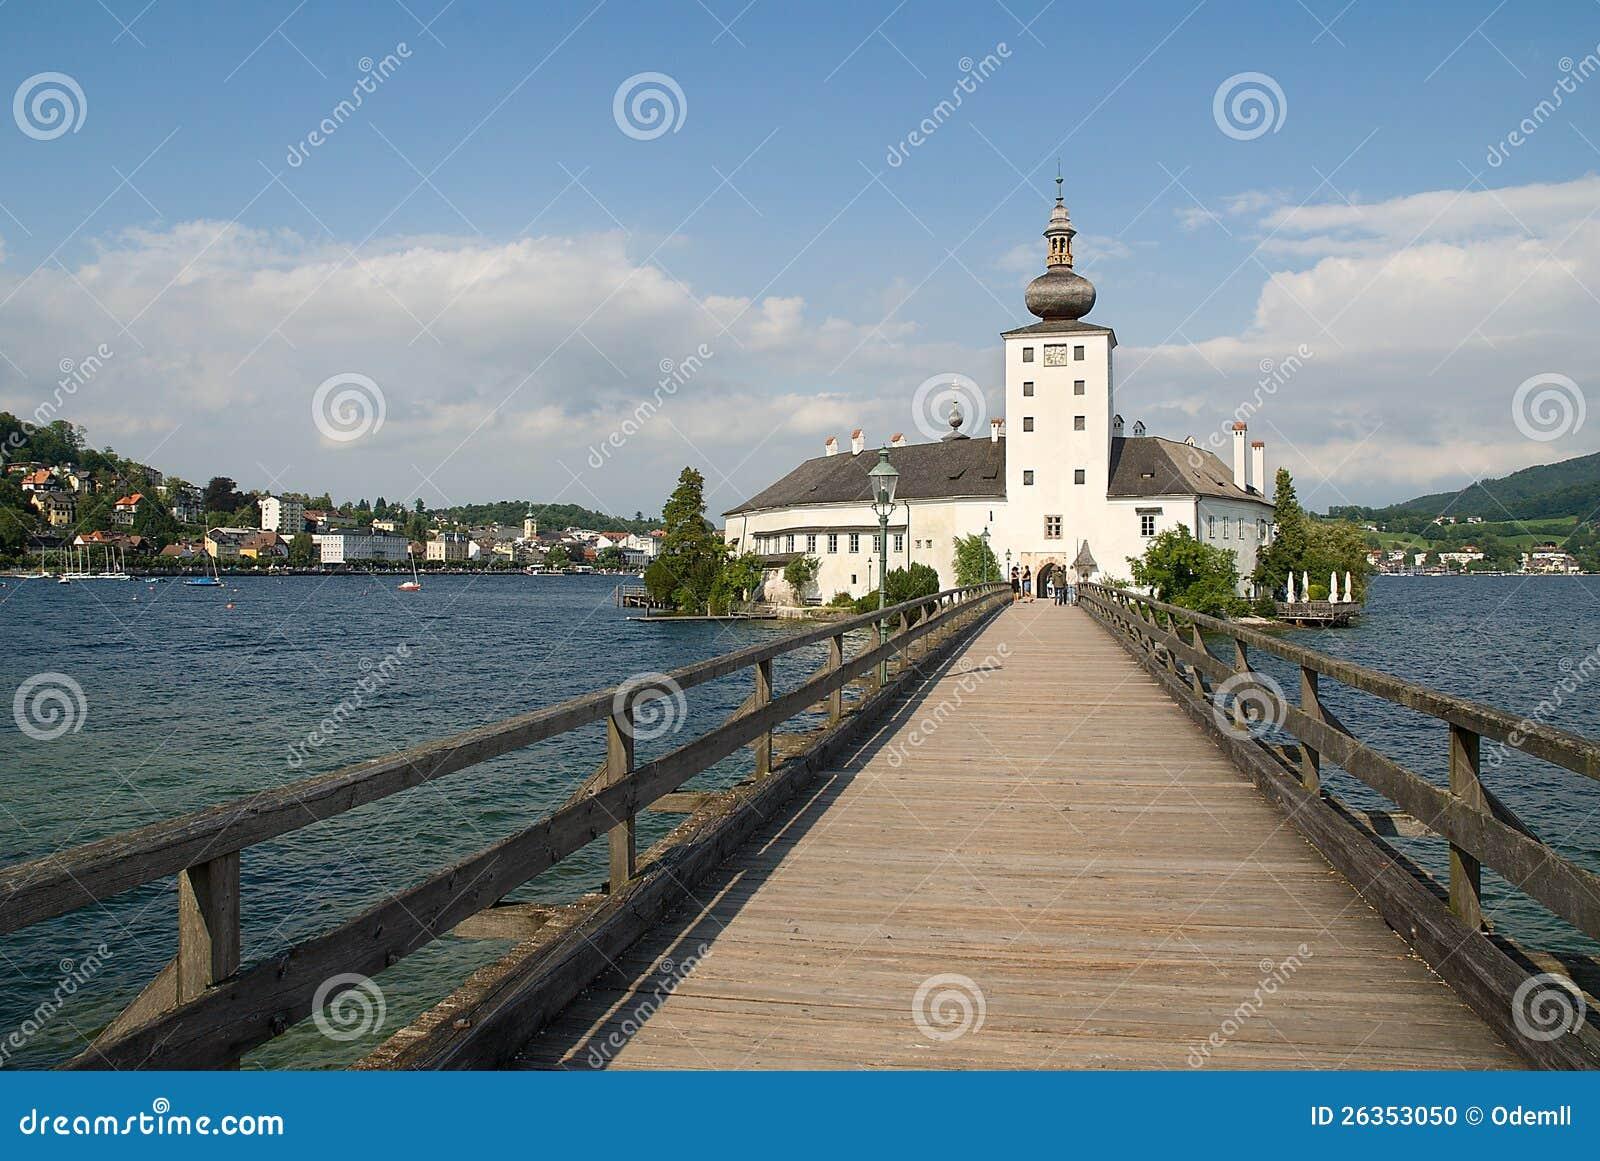 Schloss in Österreich